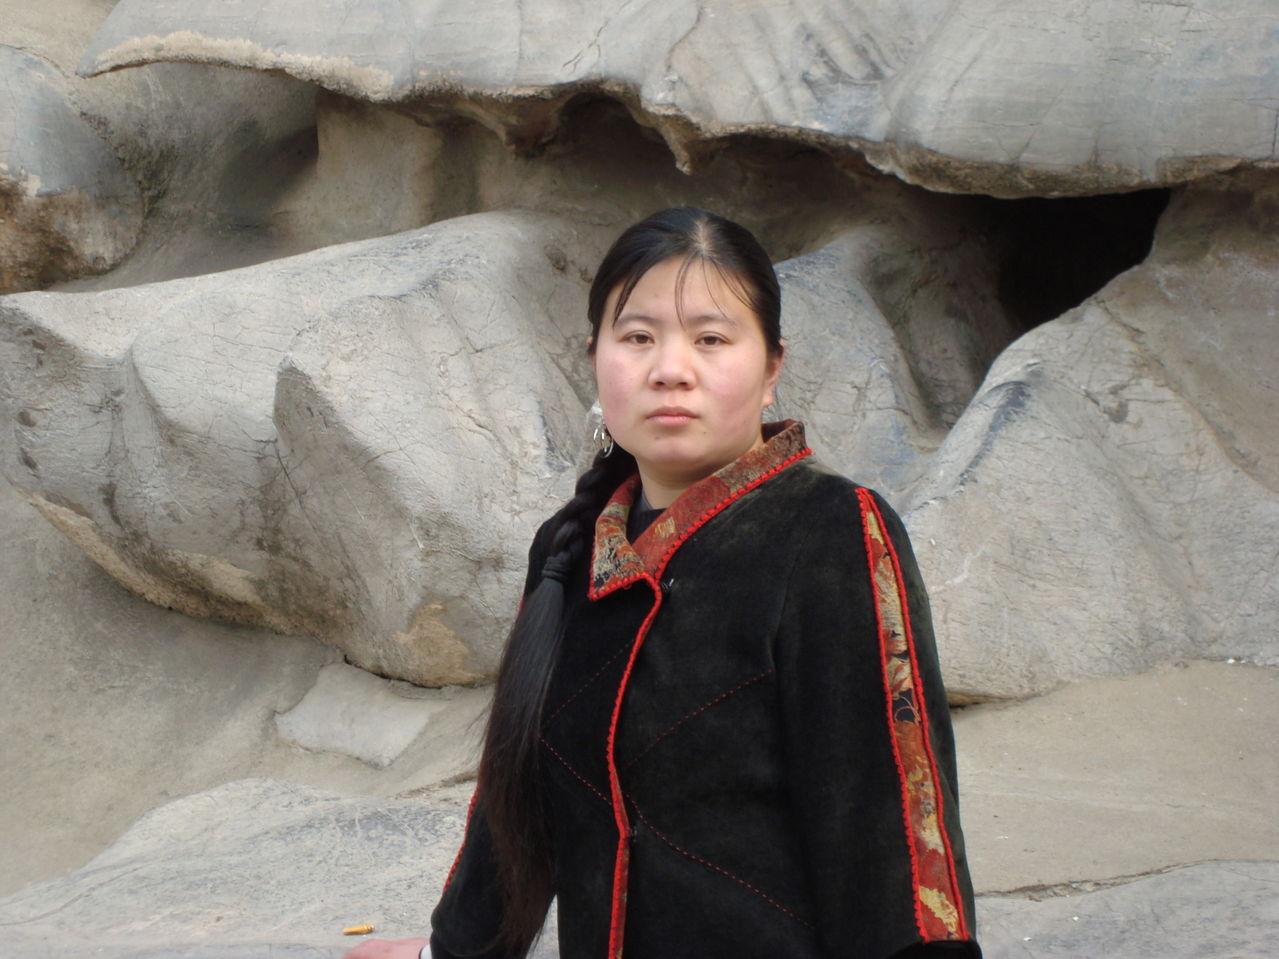 2013年中国画展征稿_中国油画家排名?中国国画家排名?_百度知道